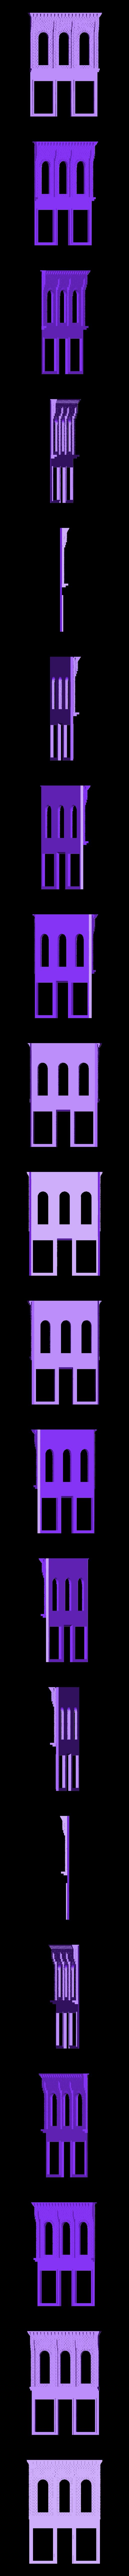 Wall_-_Front.stl Télécharger fichier STL gratuit Échelle HO Main Street Two • Design imprimable en 3D, kabrumble